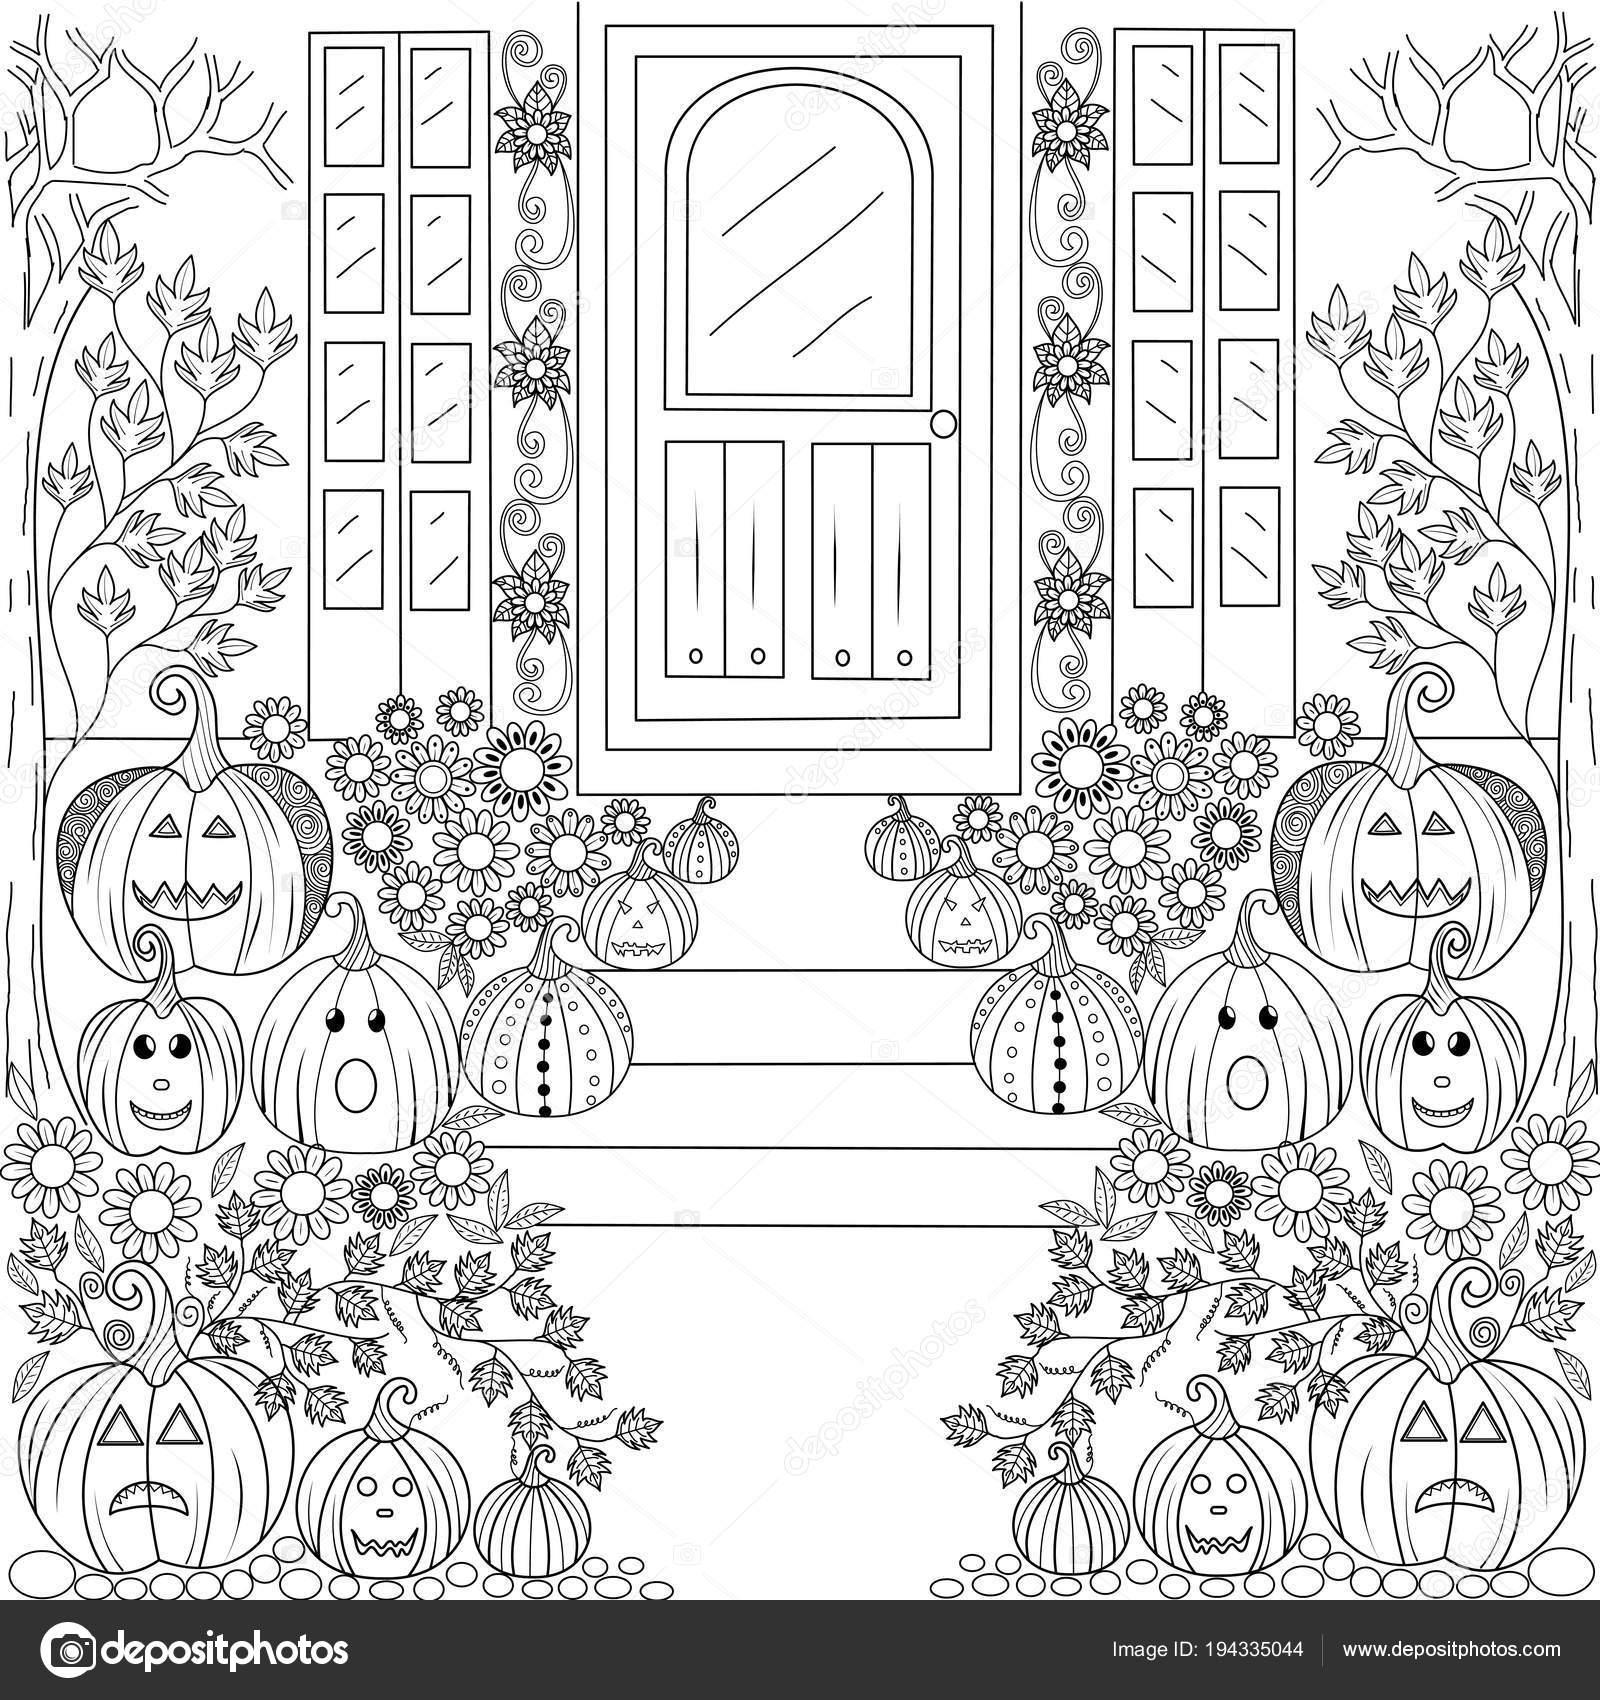 Malvorlagen Halloween K Rbis Haus F R Erwachsene Und Children Vector